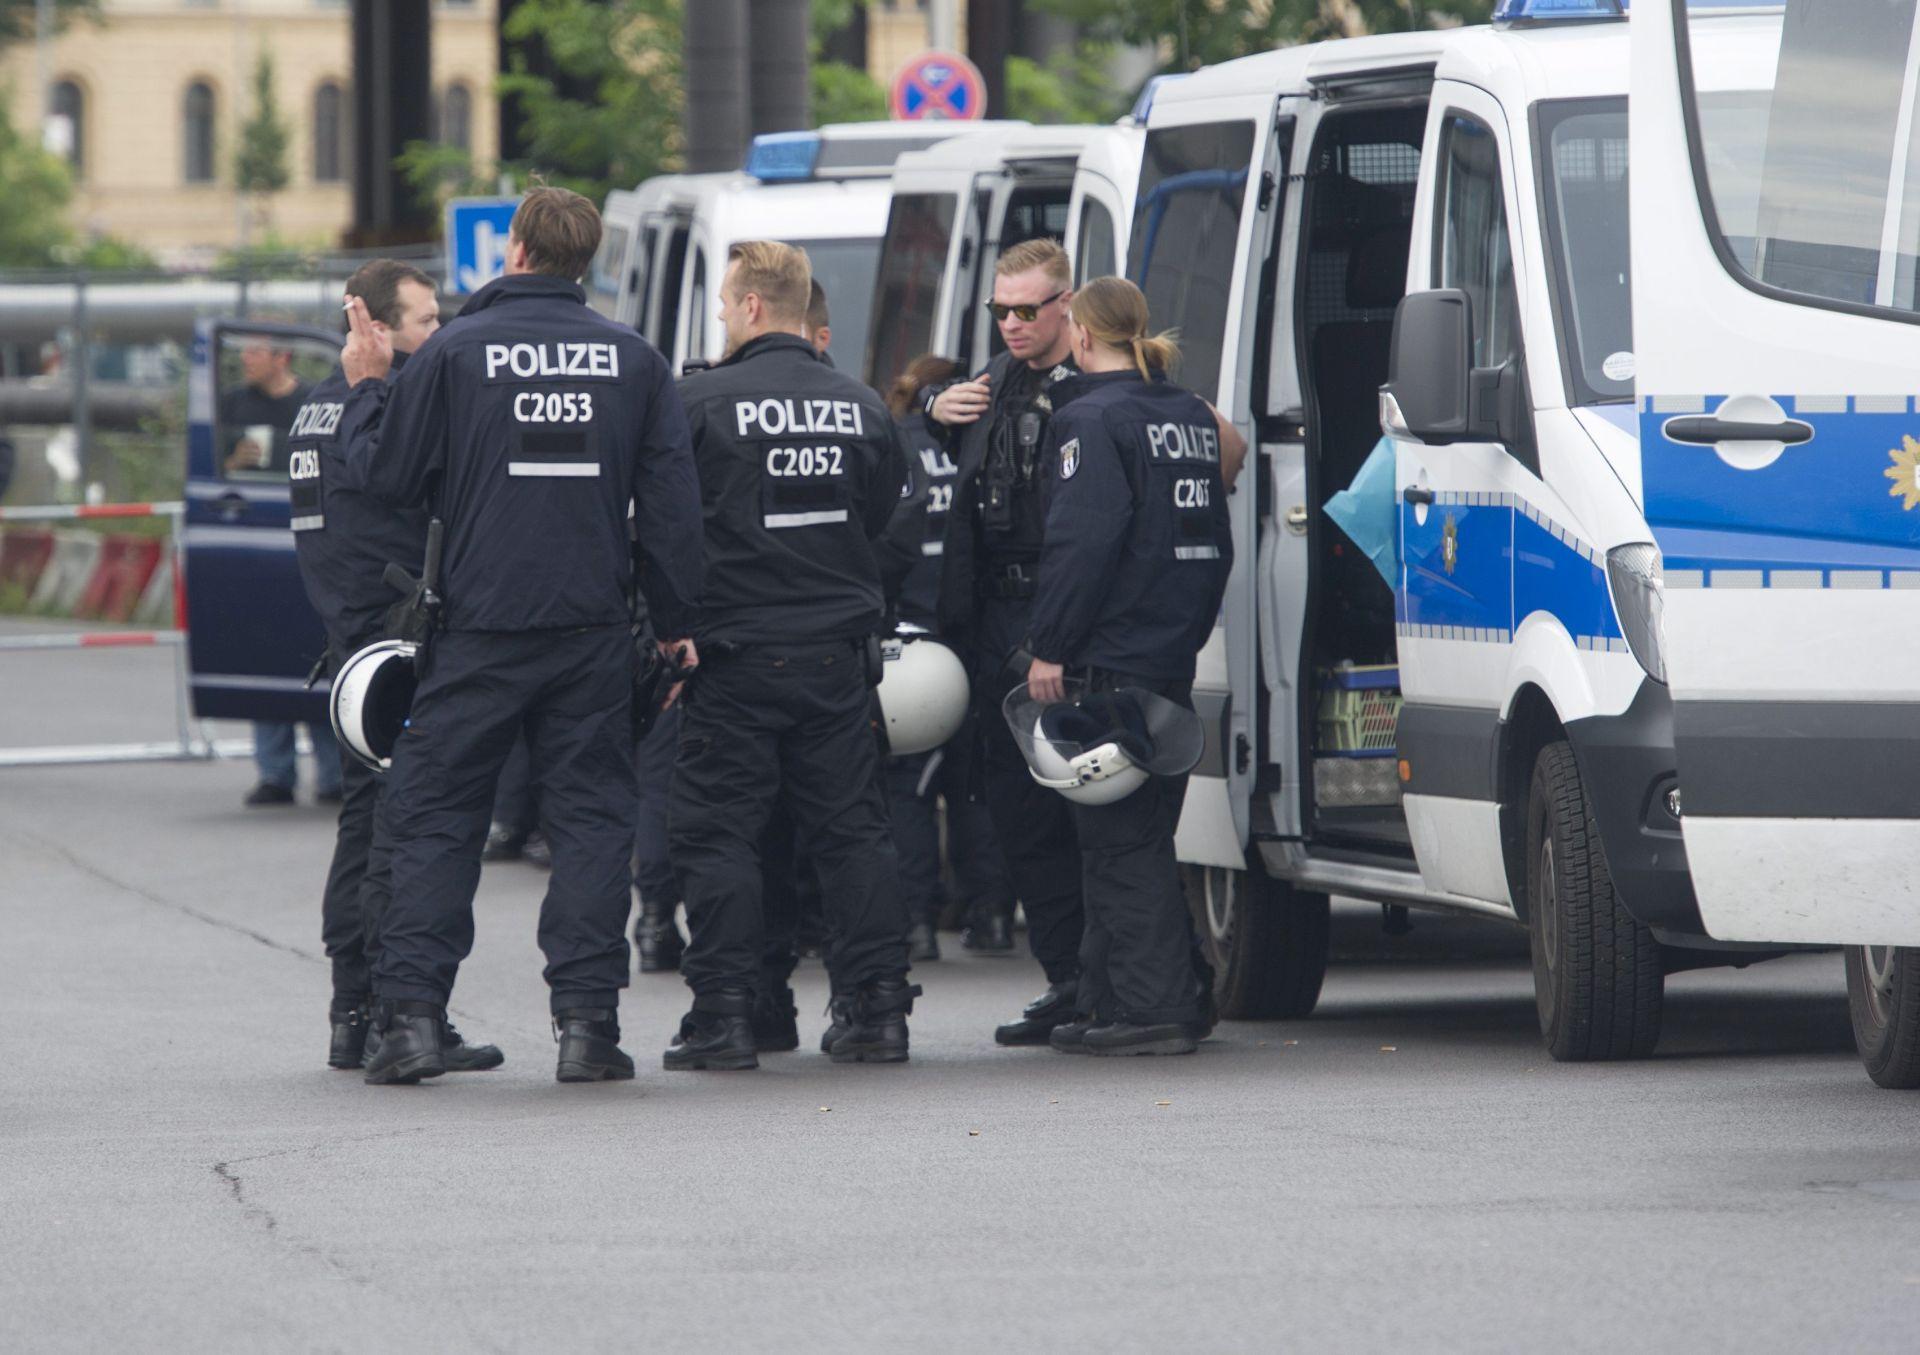 Dvojica kineskih turista uhićeni u Berlinu zbog nacističkog pozdrava